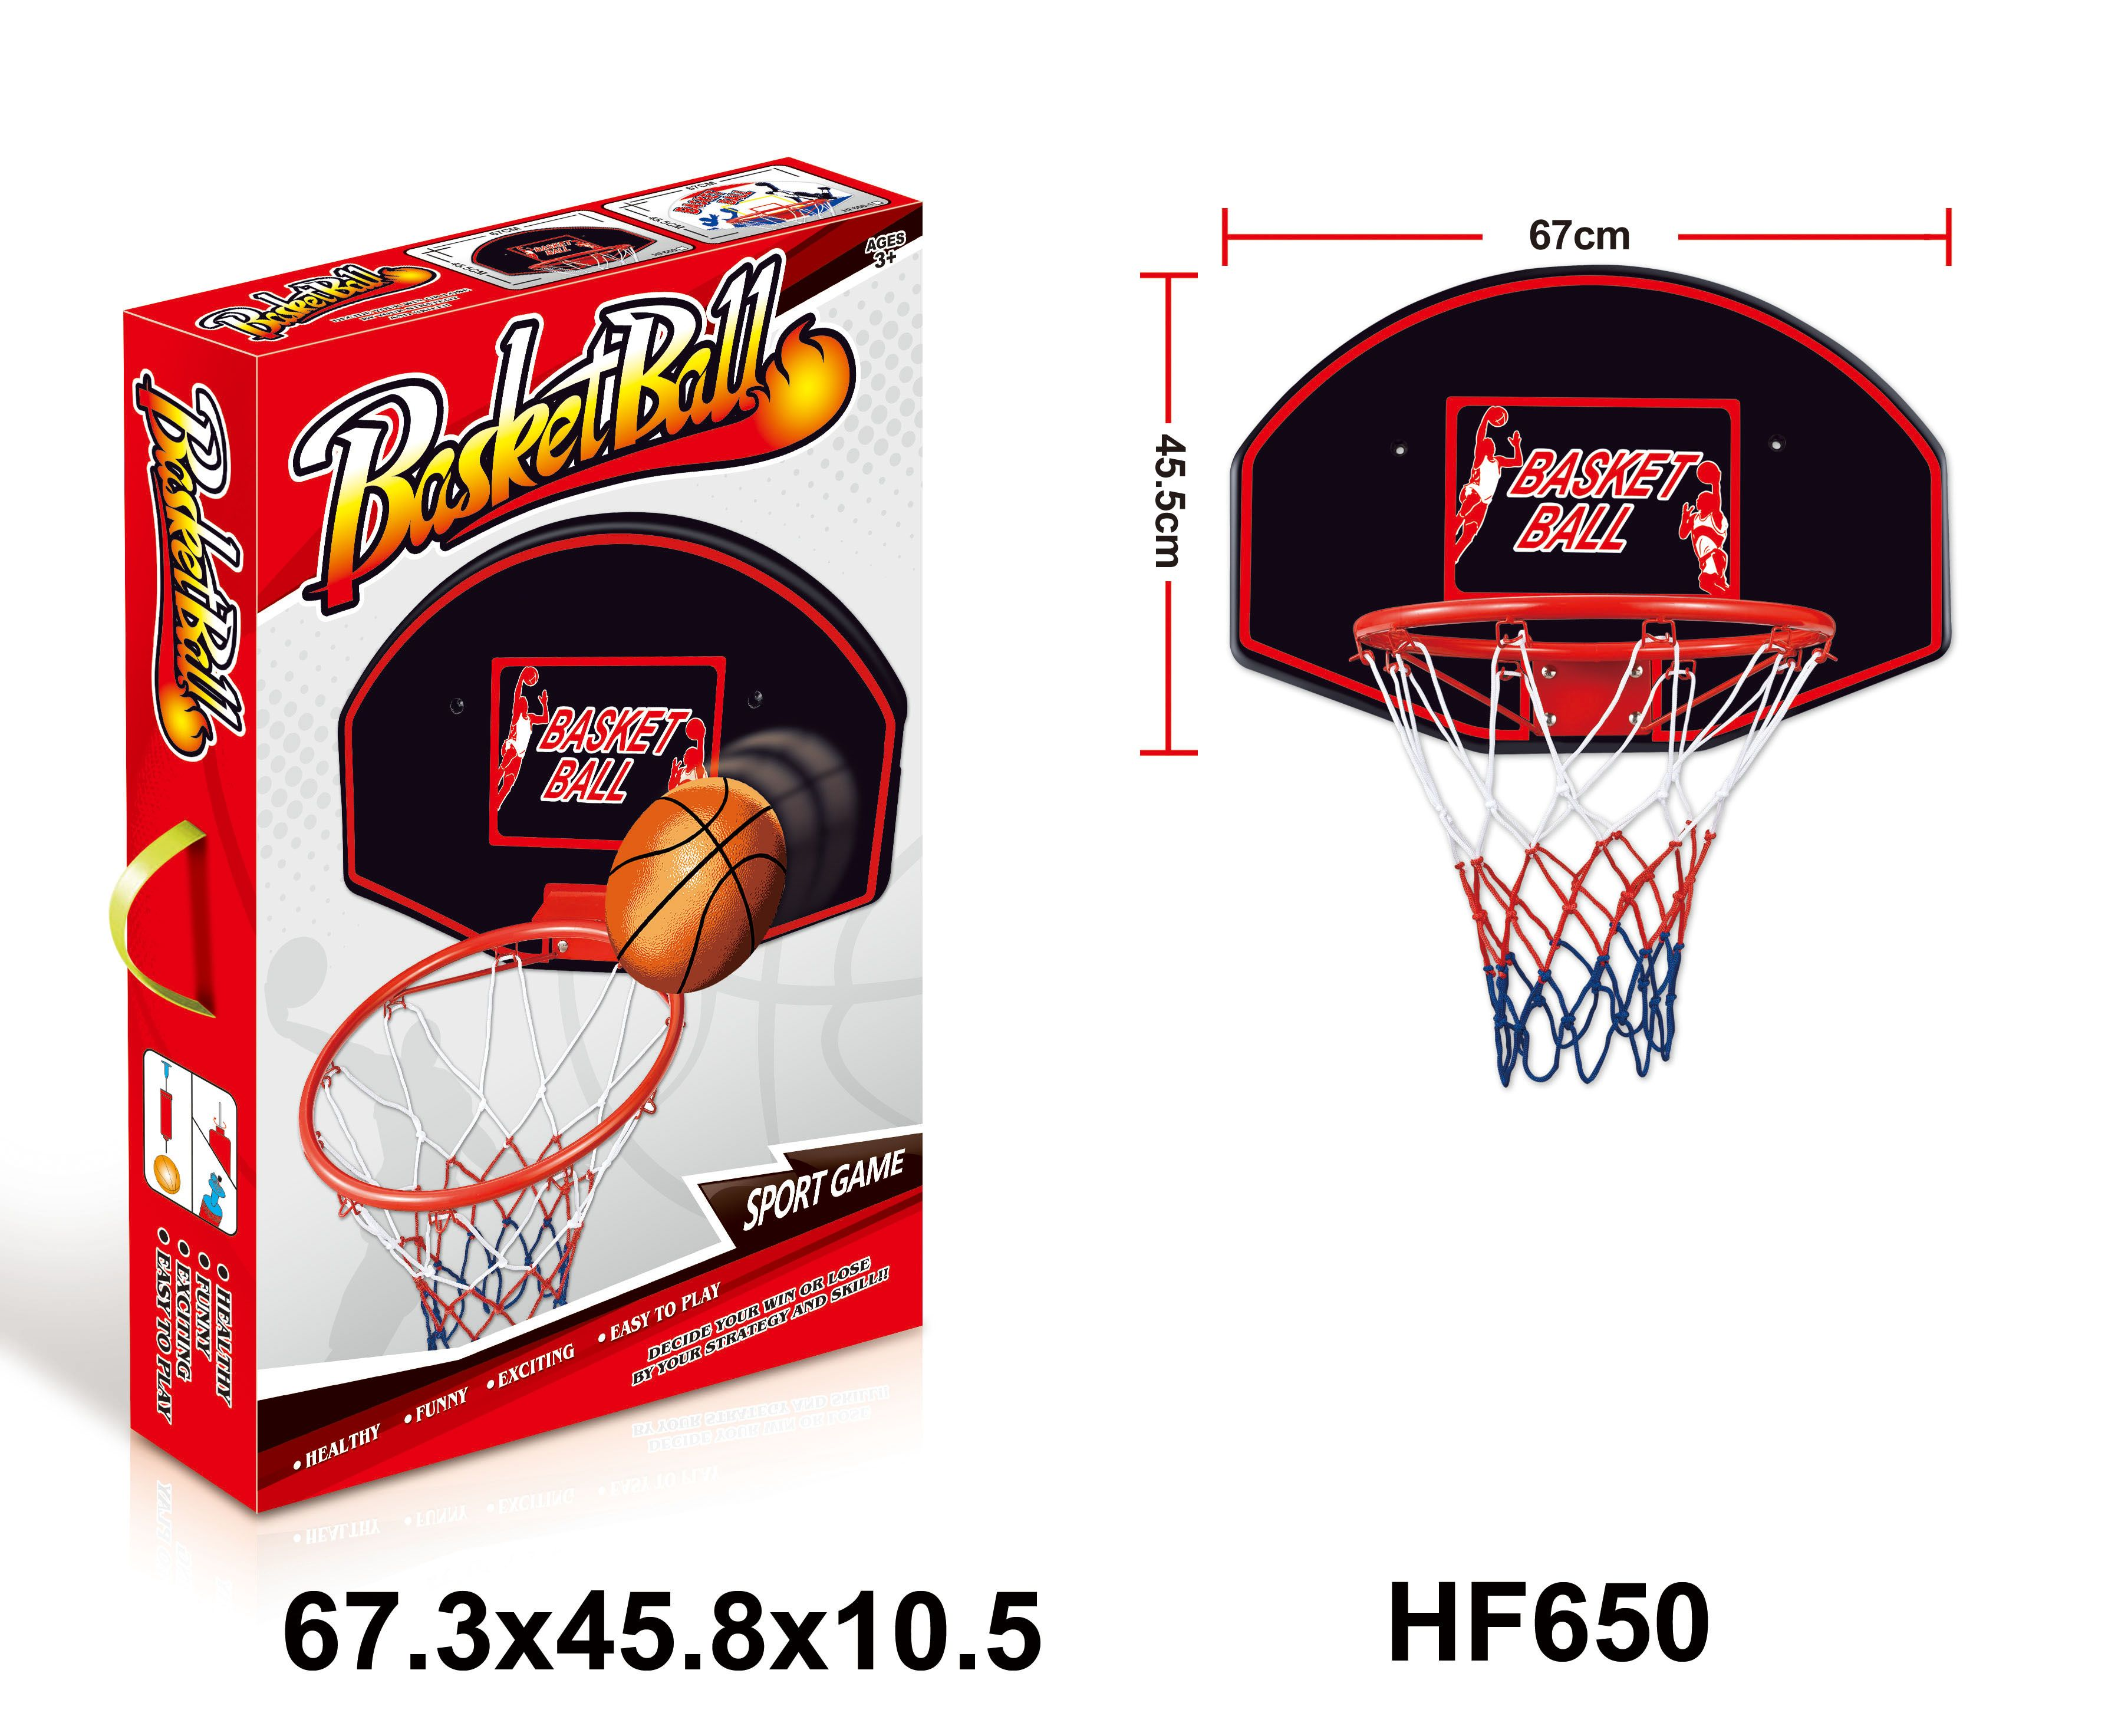 儿童体育篮球架、彩盒大型篮球板HF650